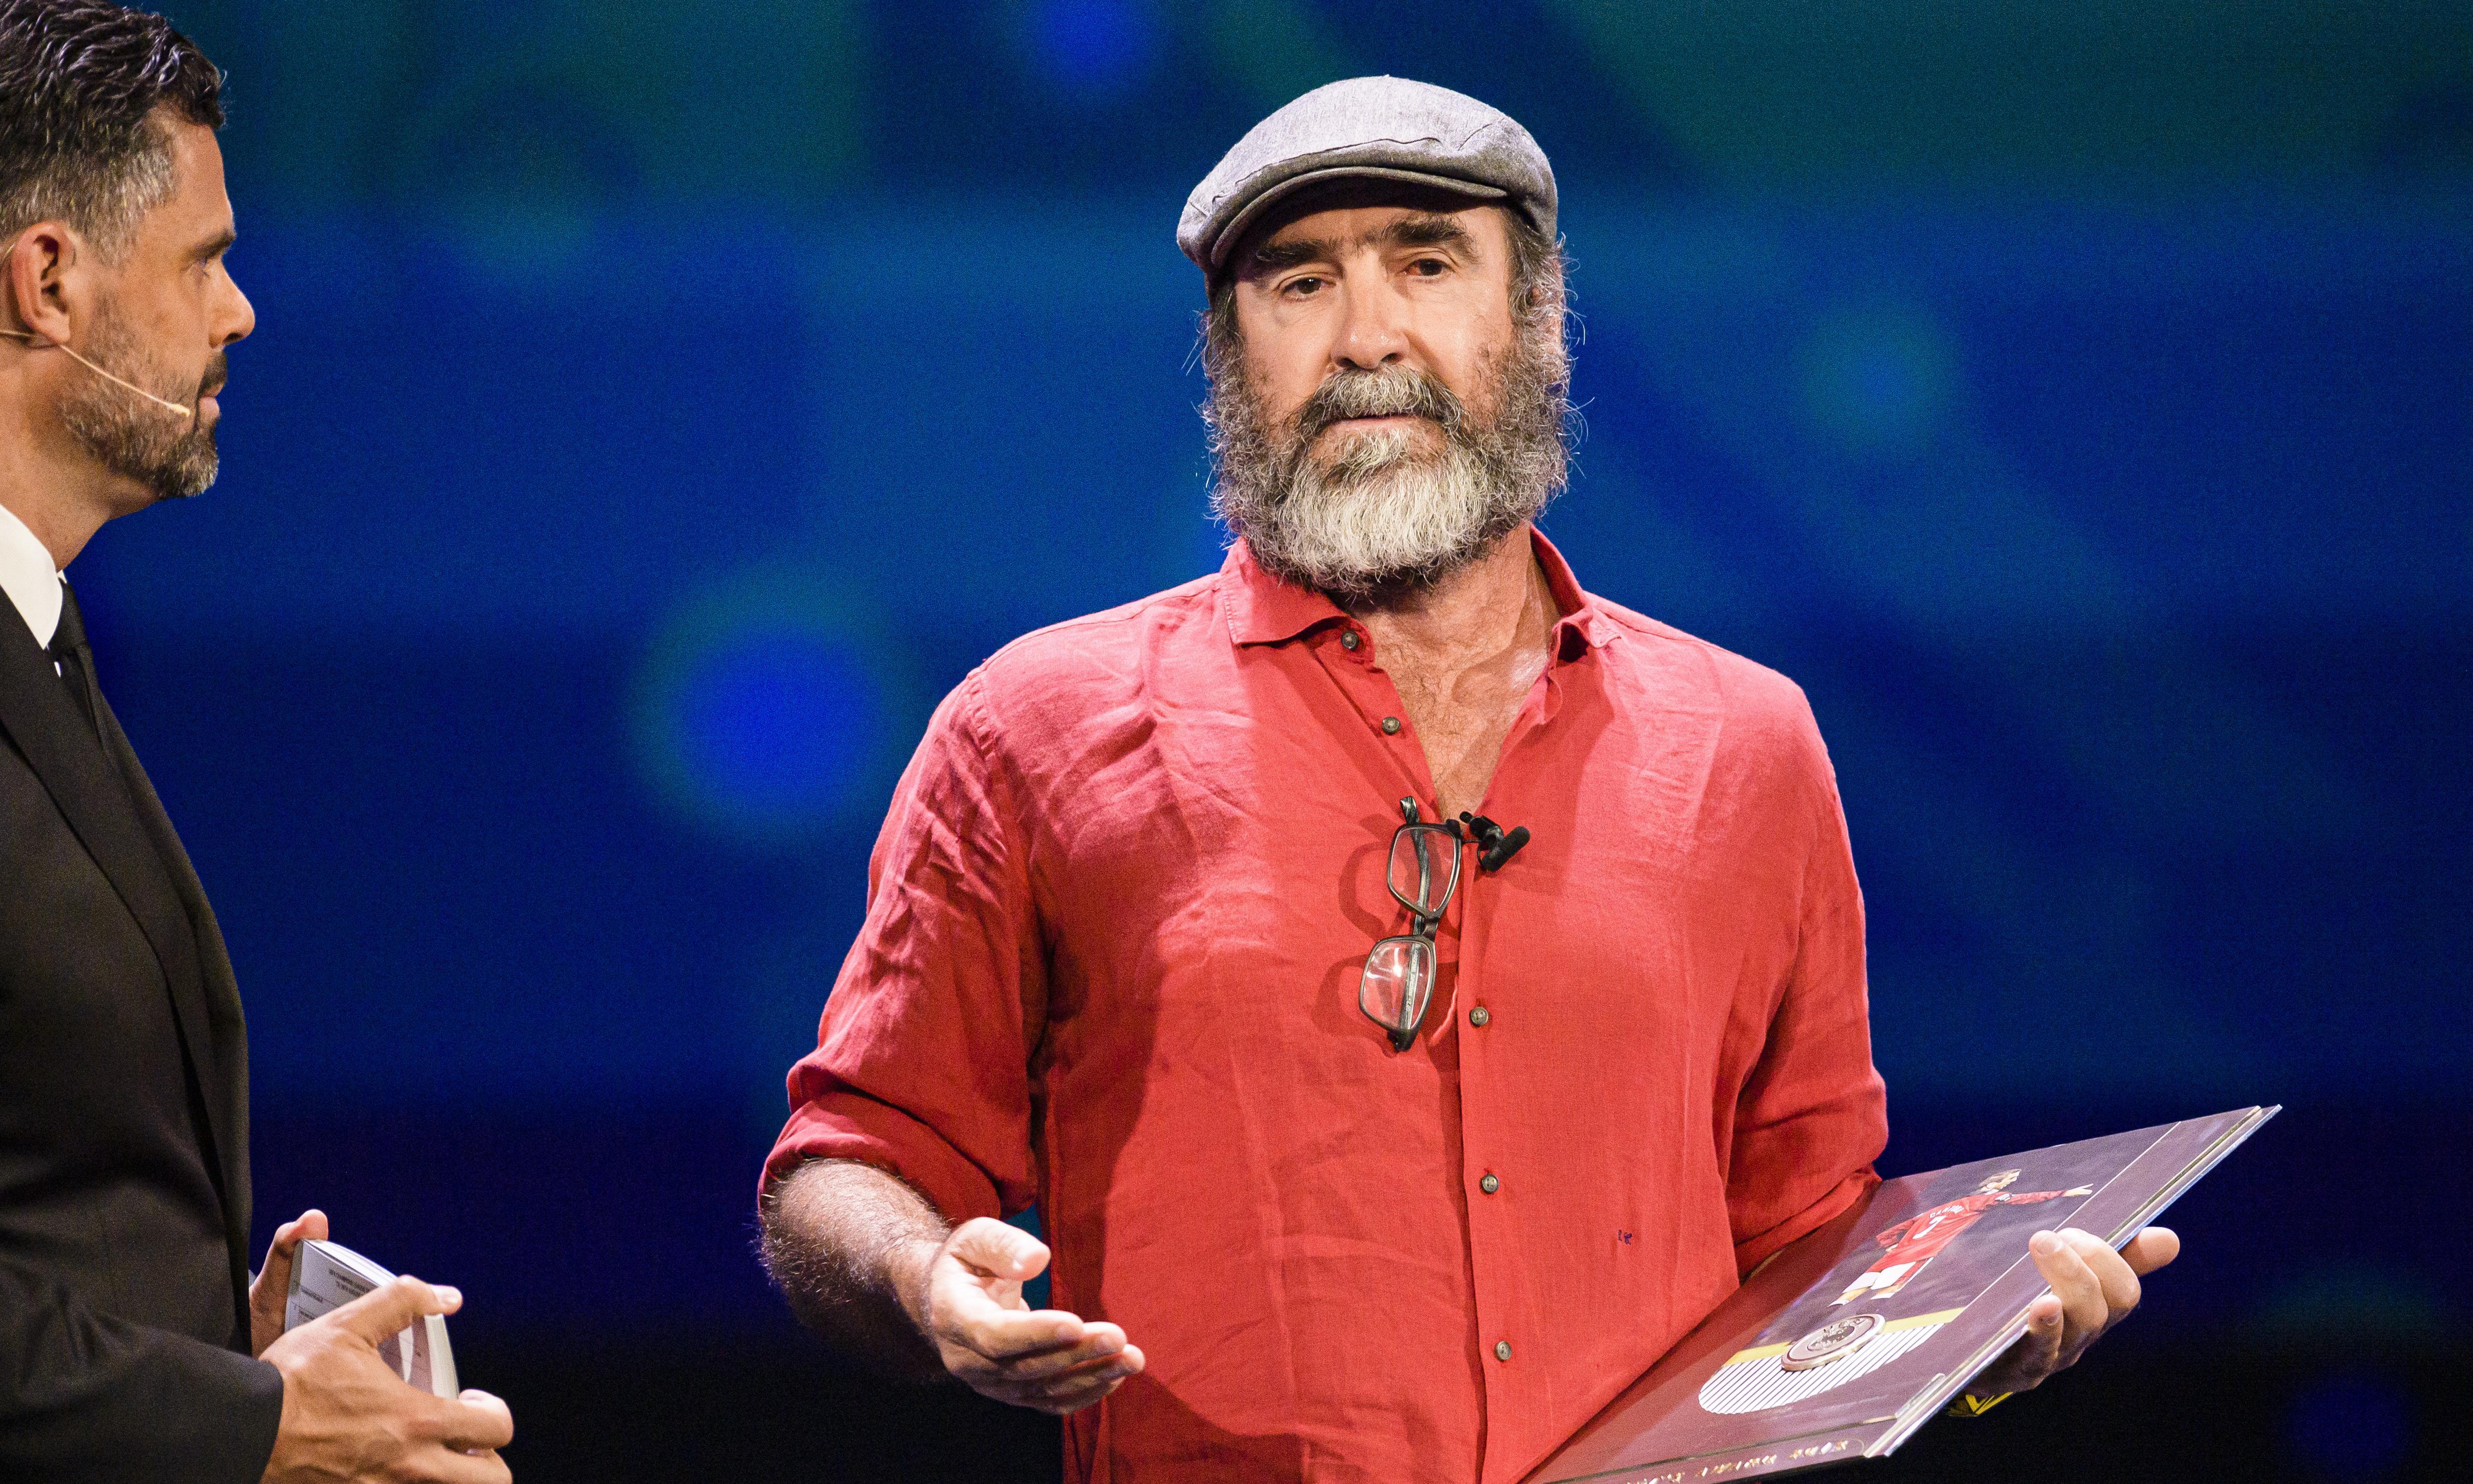 Eric Cantona speech: humans 'will become eternal' – unless crime or war intervene